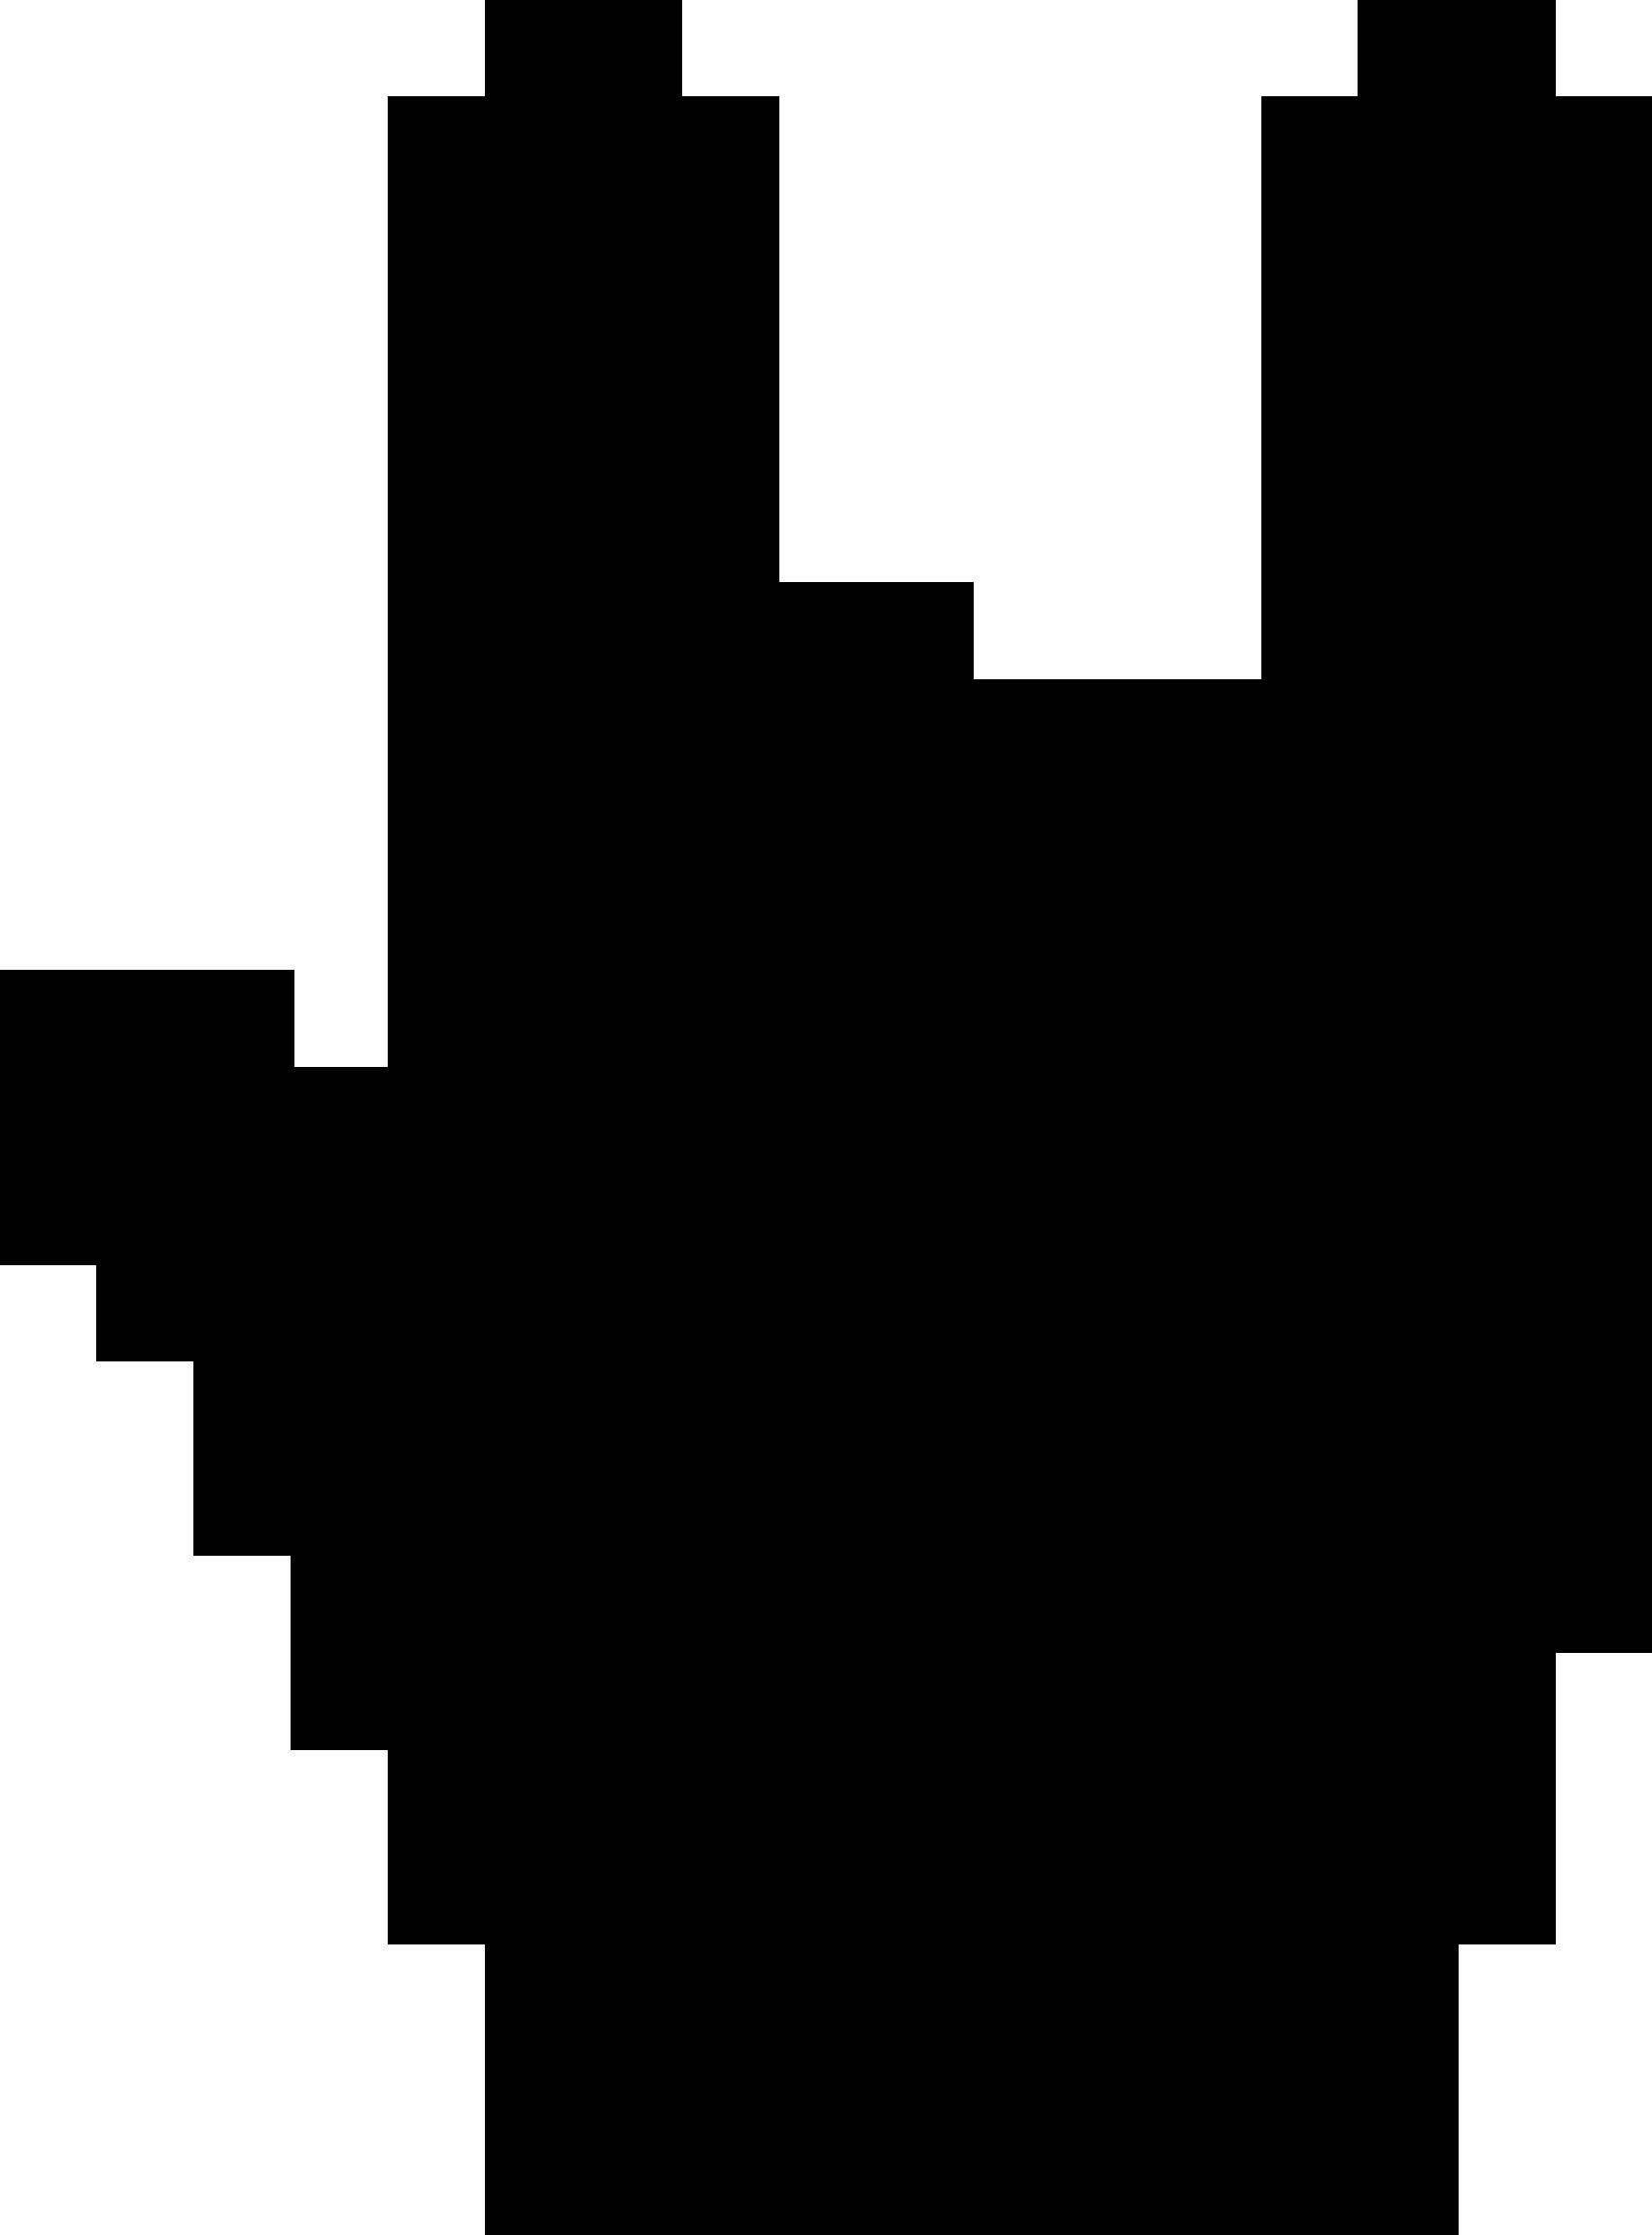 Computer mouse Pointer Cursor Clip art.